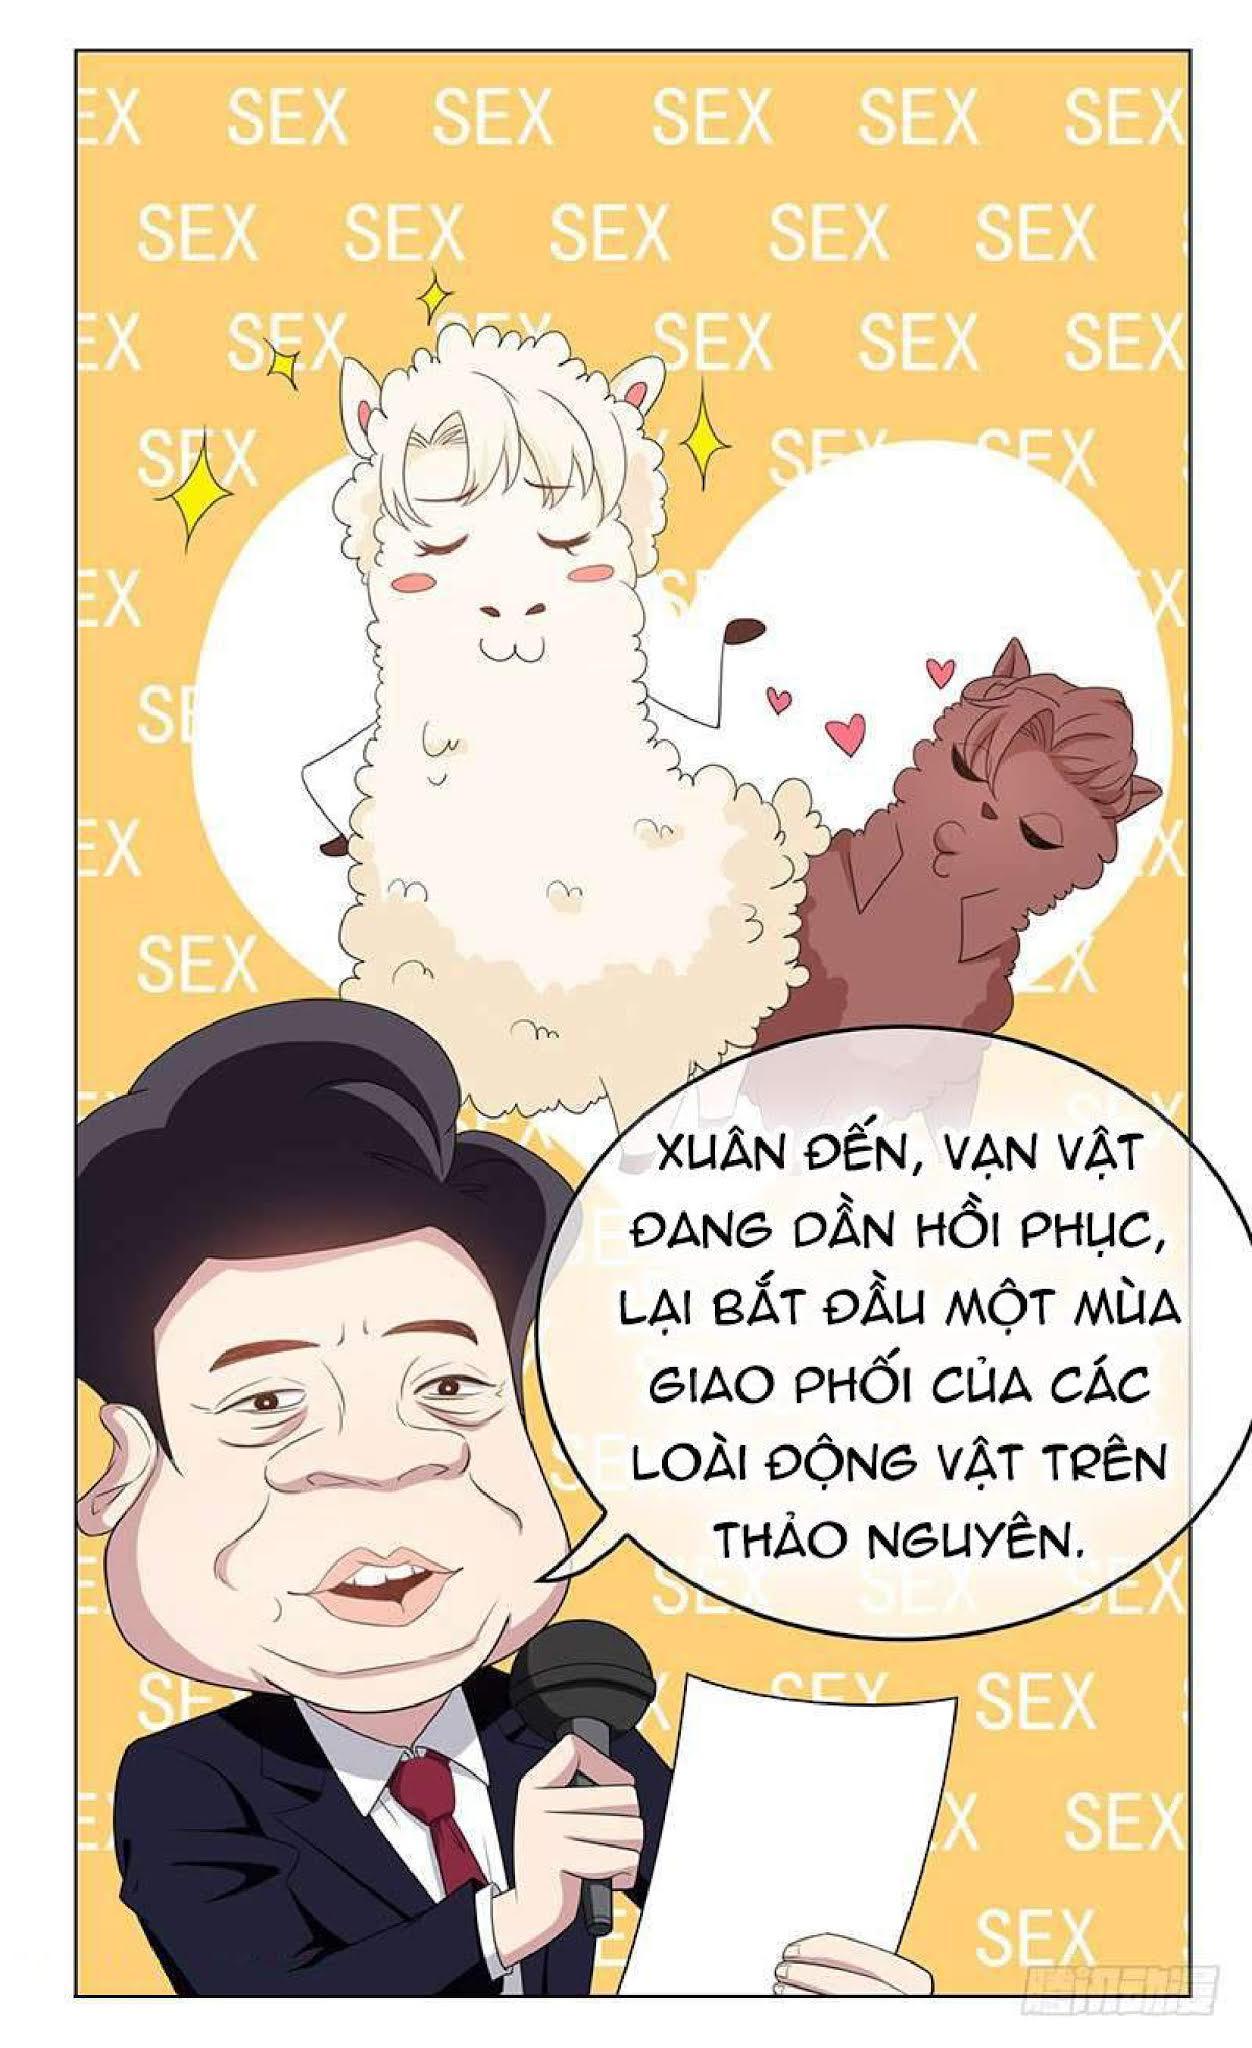 Thuần tình Lục thiếu chap 65 - Trang 27